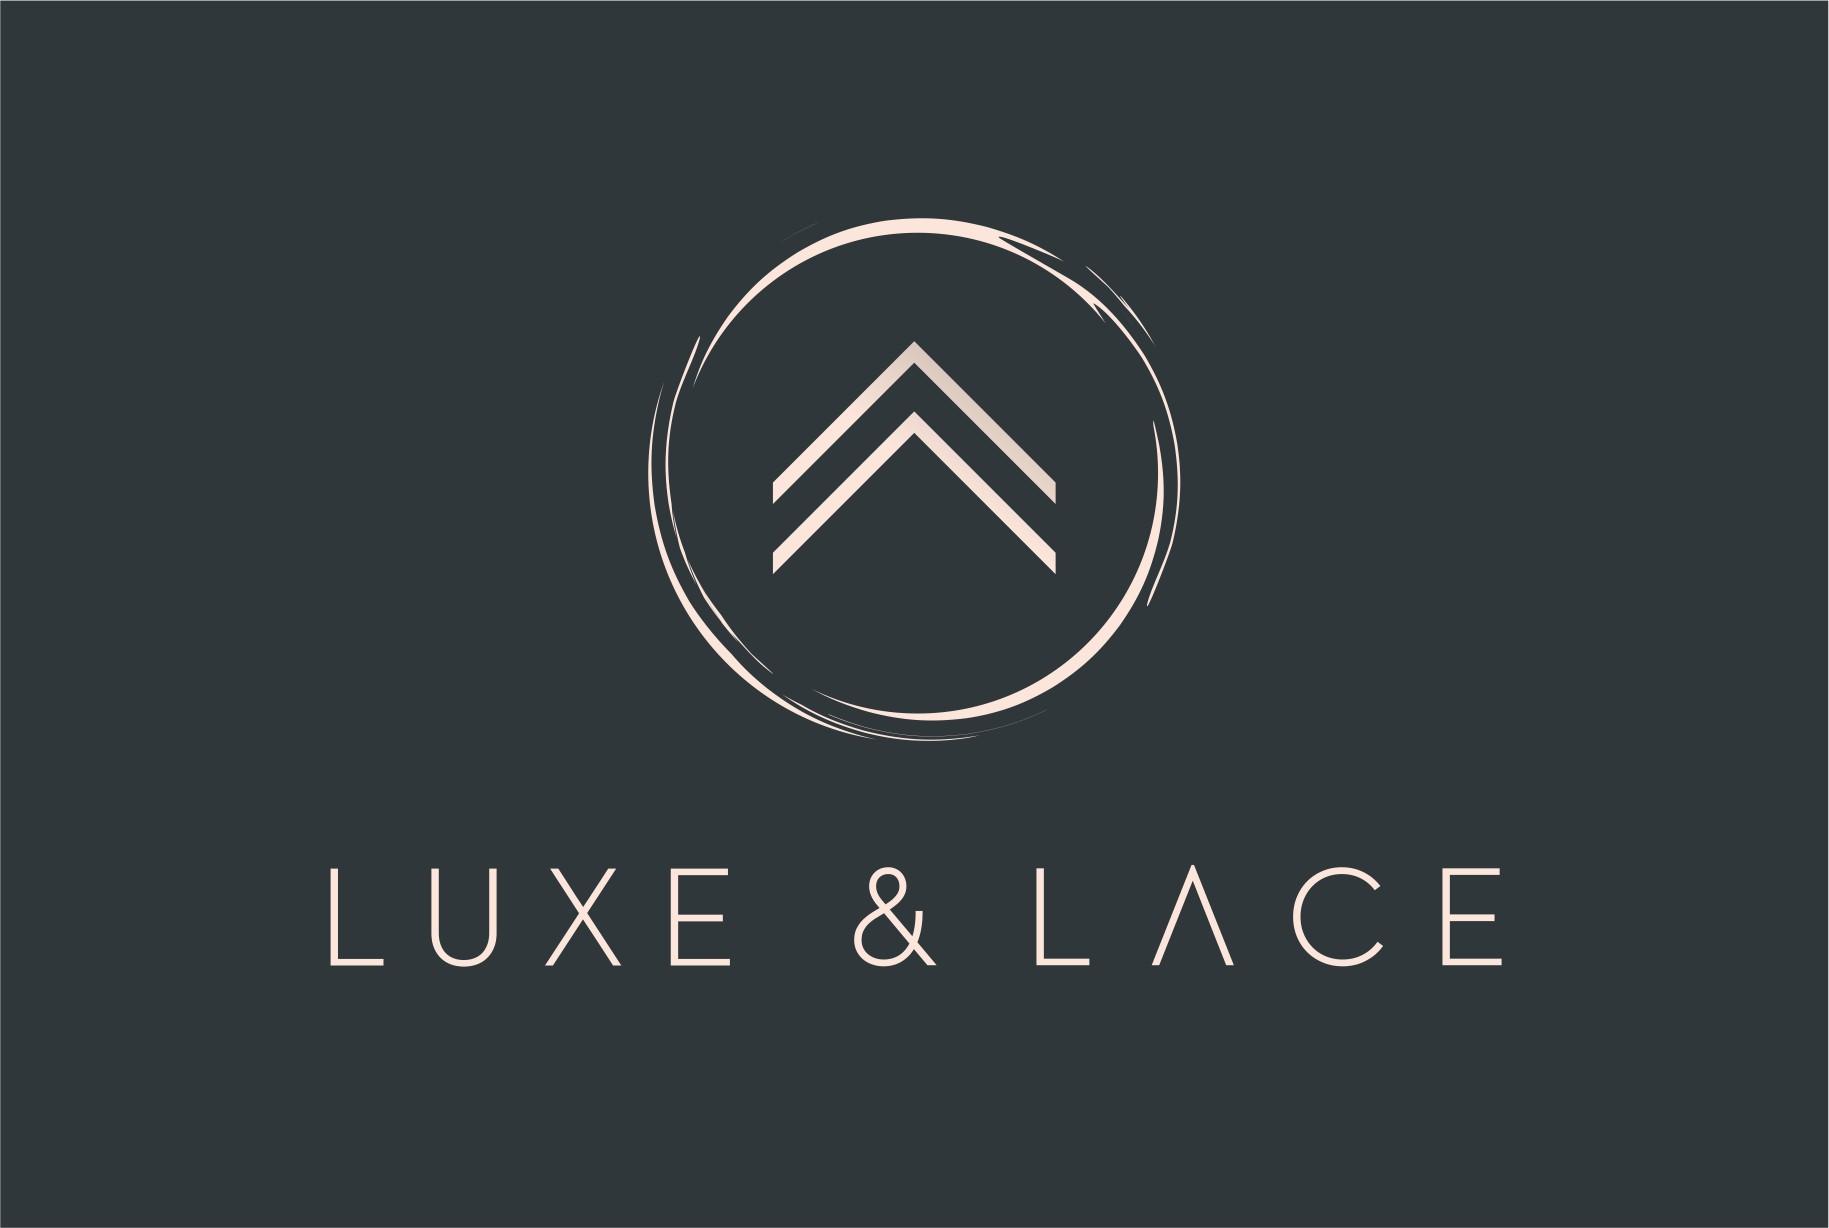 Luxe & Lace Boutique Logo